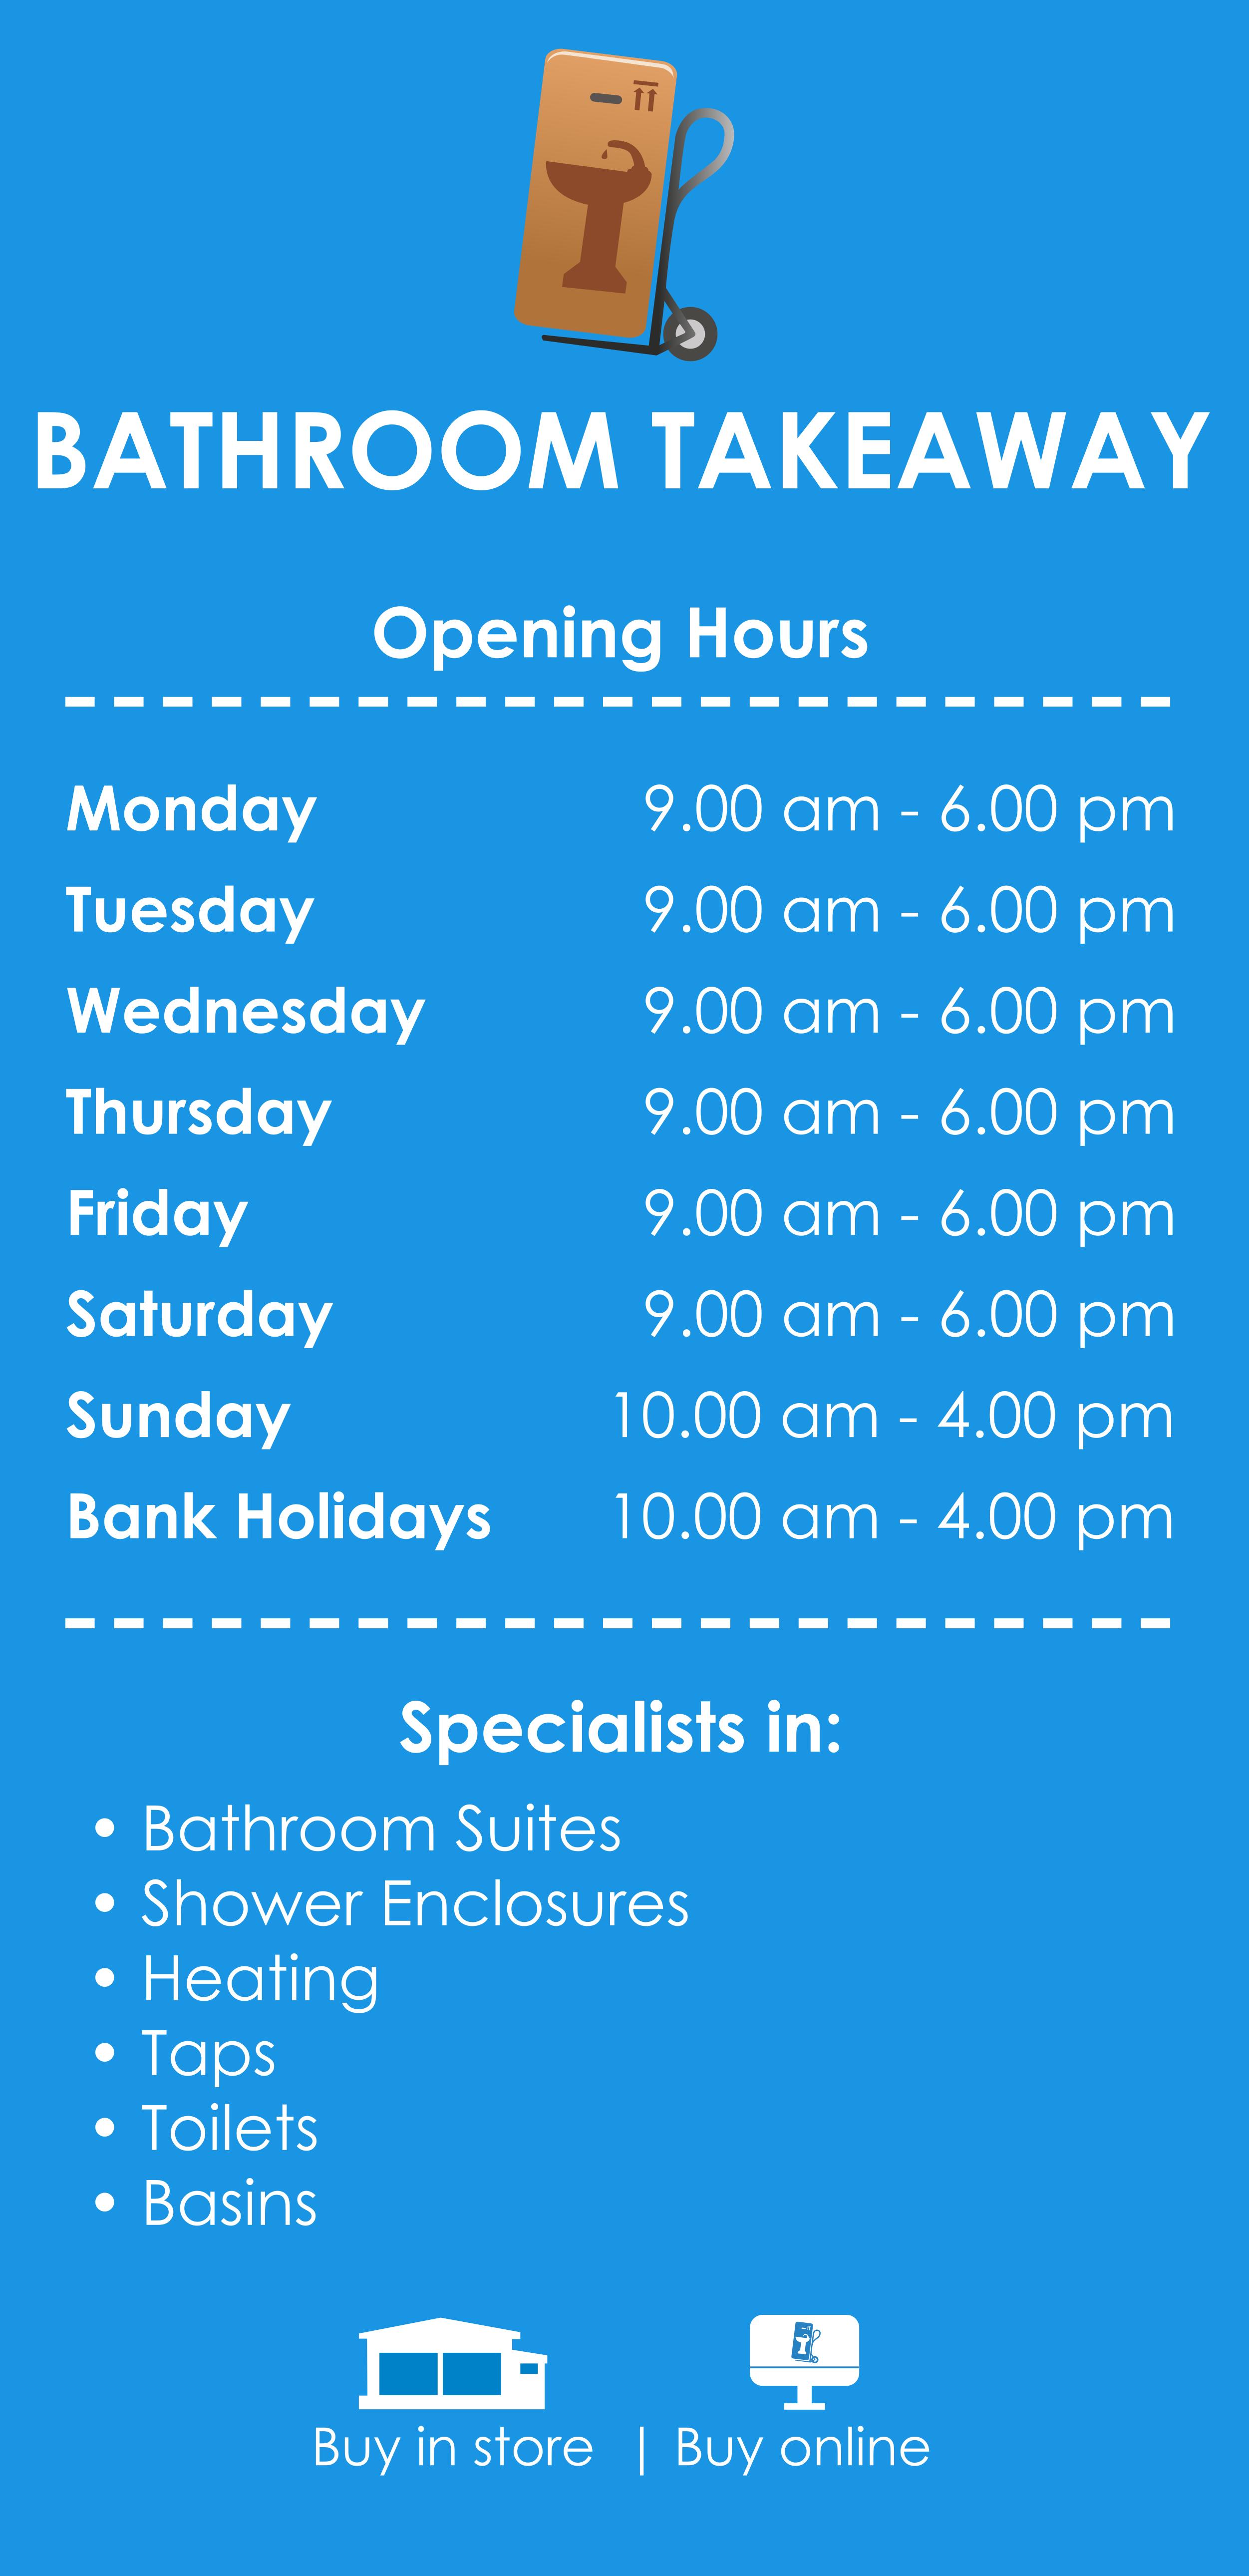 Bathroom Takeaway Opening Hours